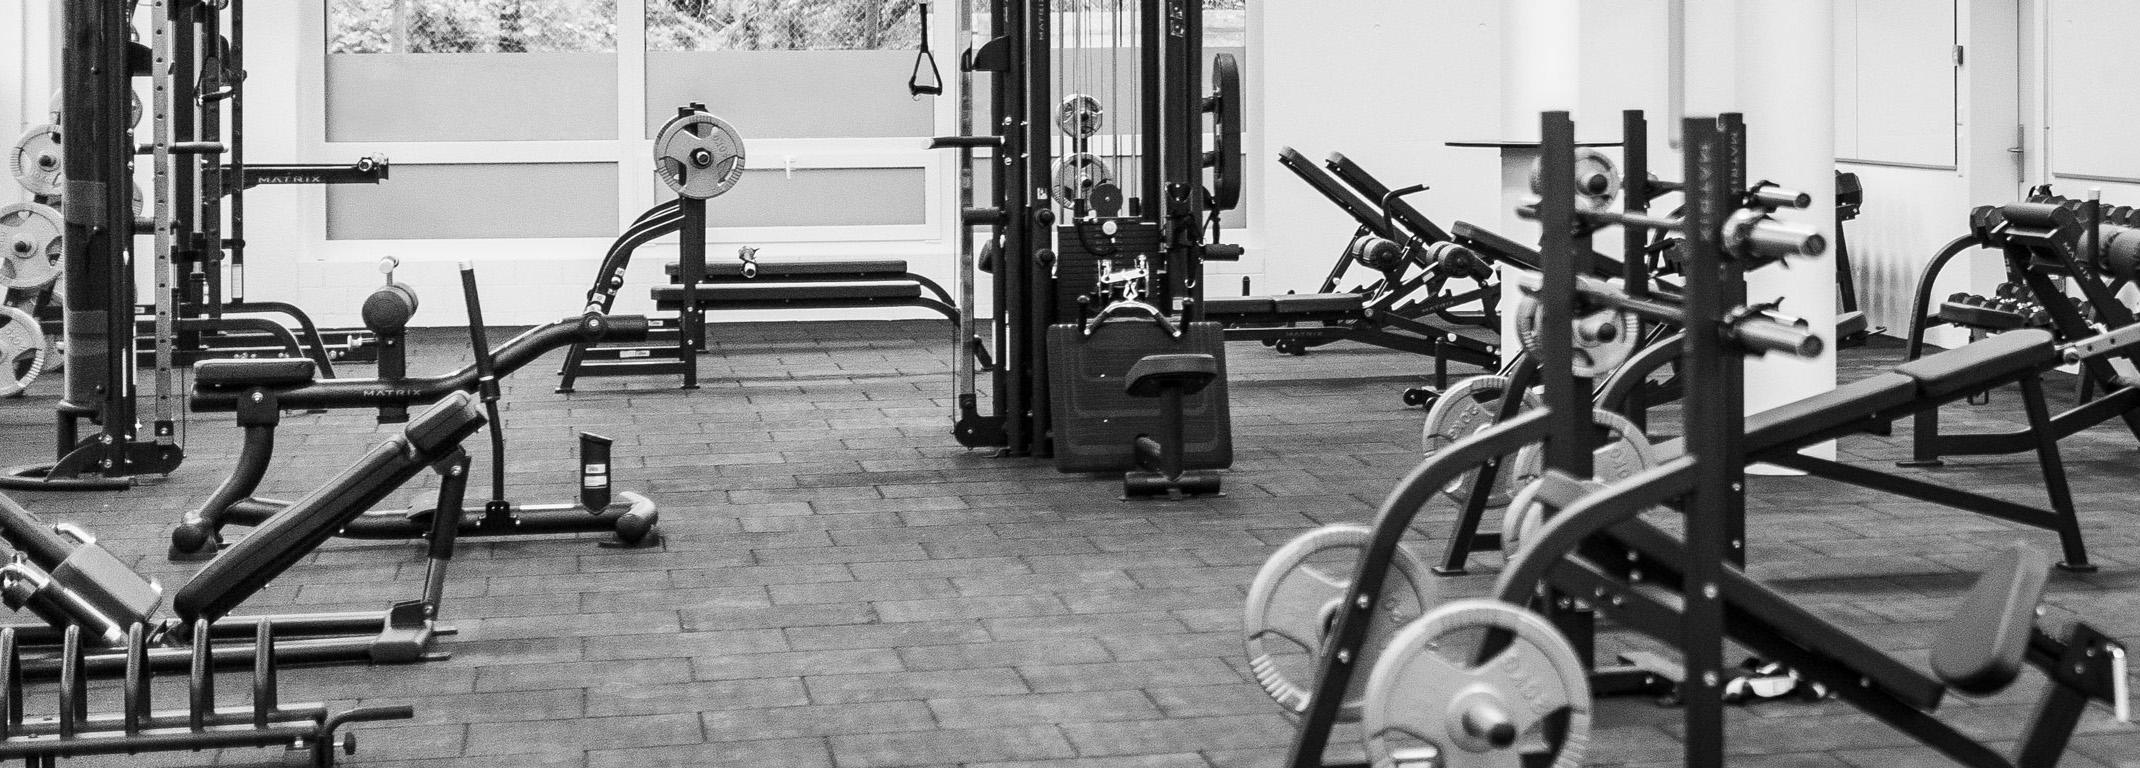 Fitness Luzern